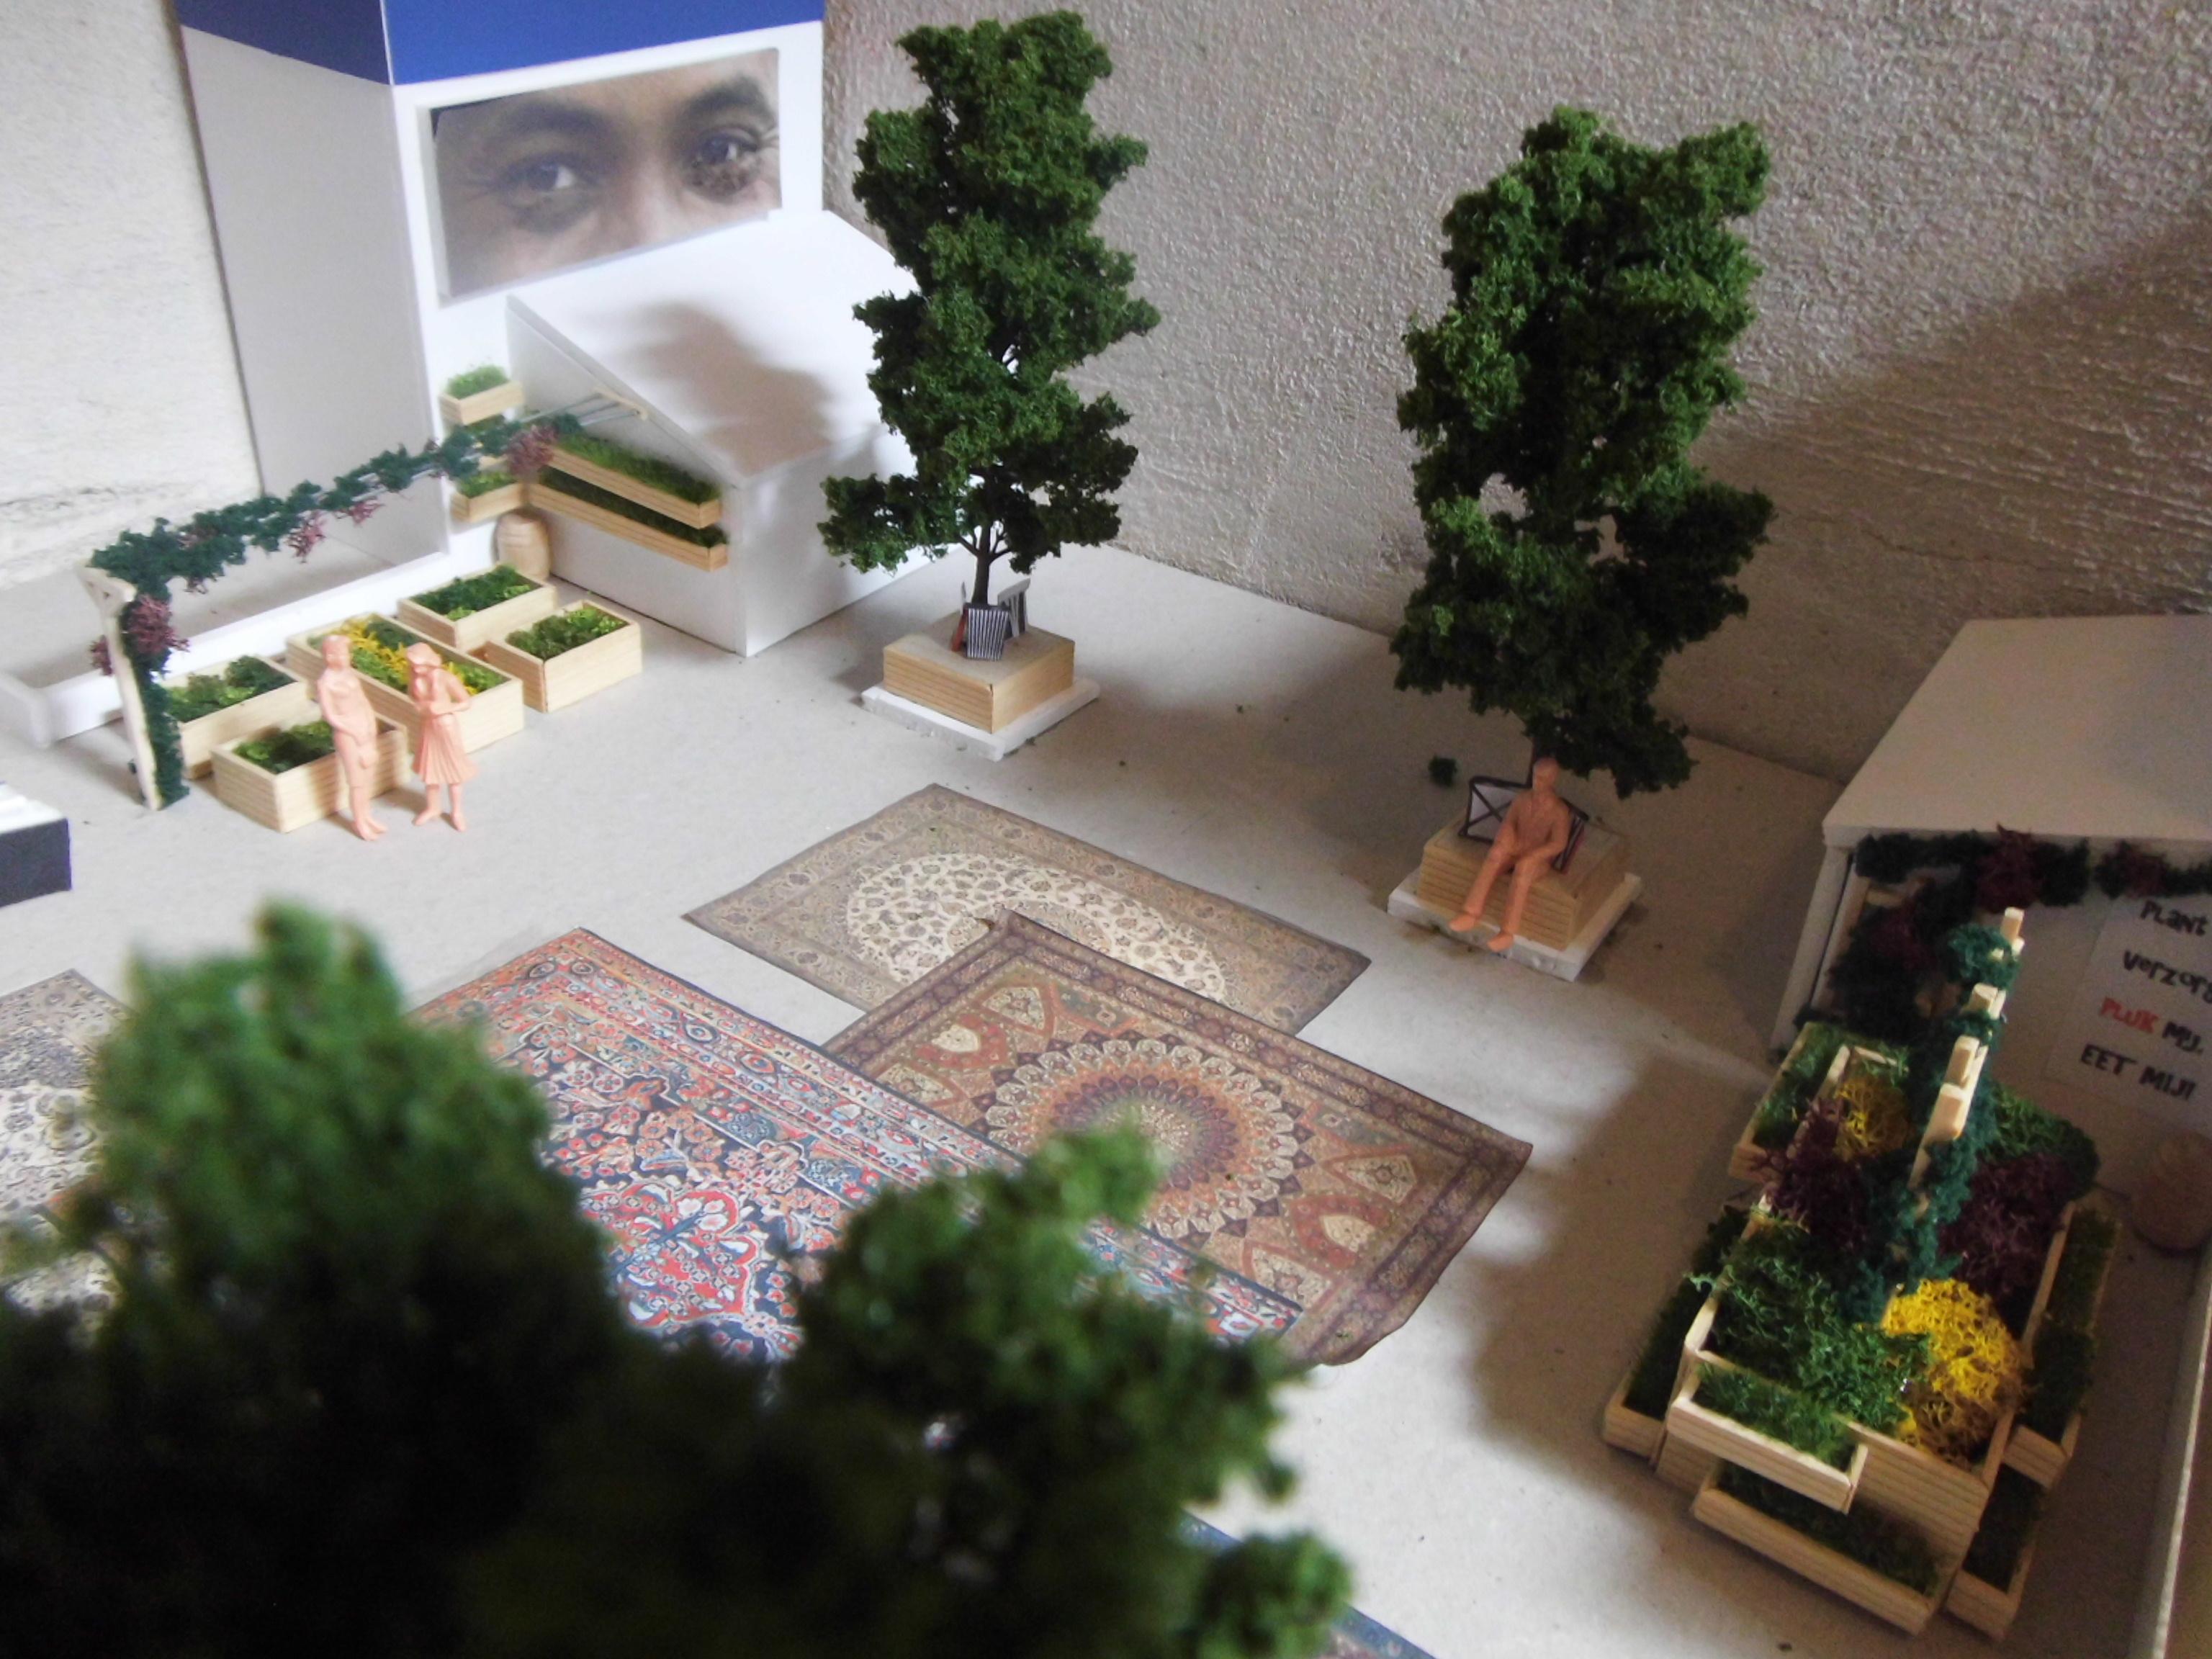 Maquette met de openbare moestuin, kruidentuin, ogenposters en Perzisch tapijt